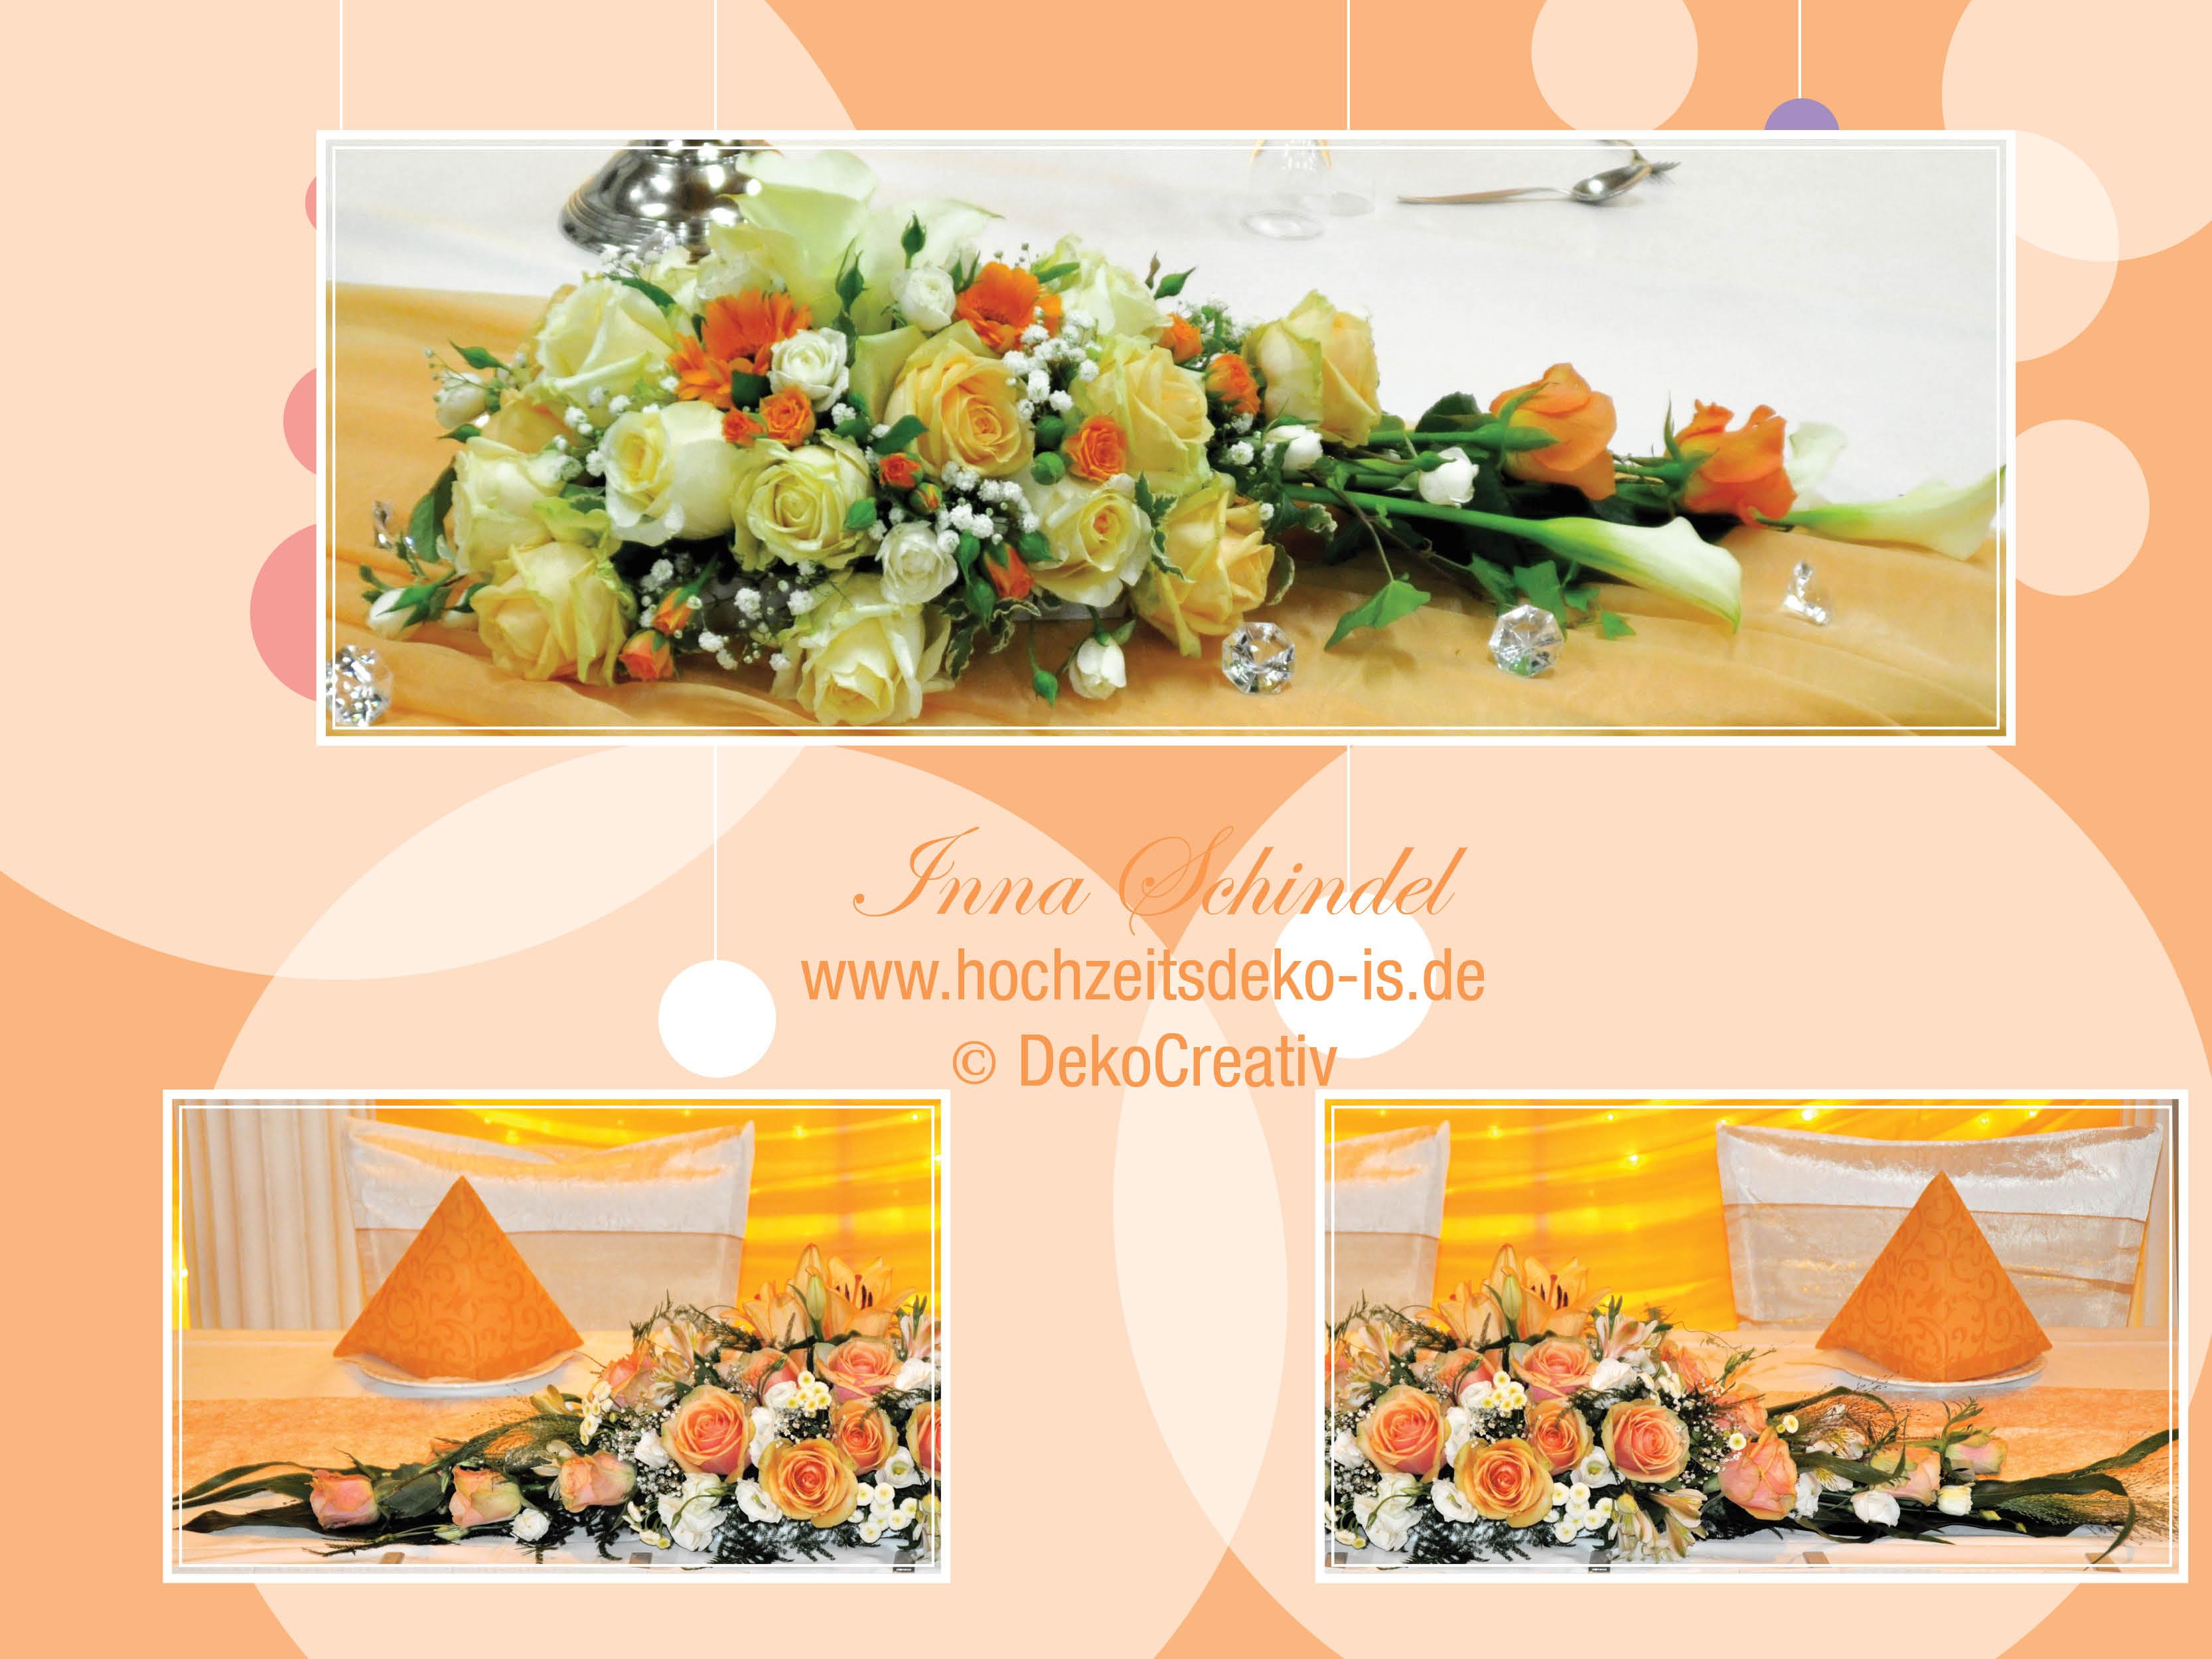 Dekorationsservice für Hochzeiten und Events